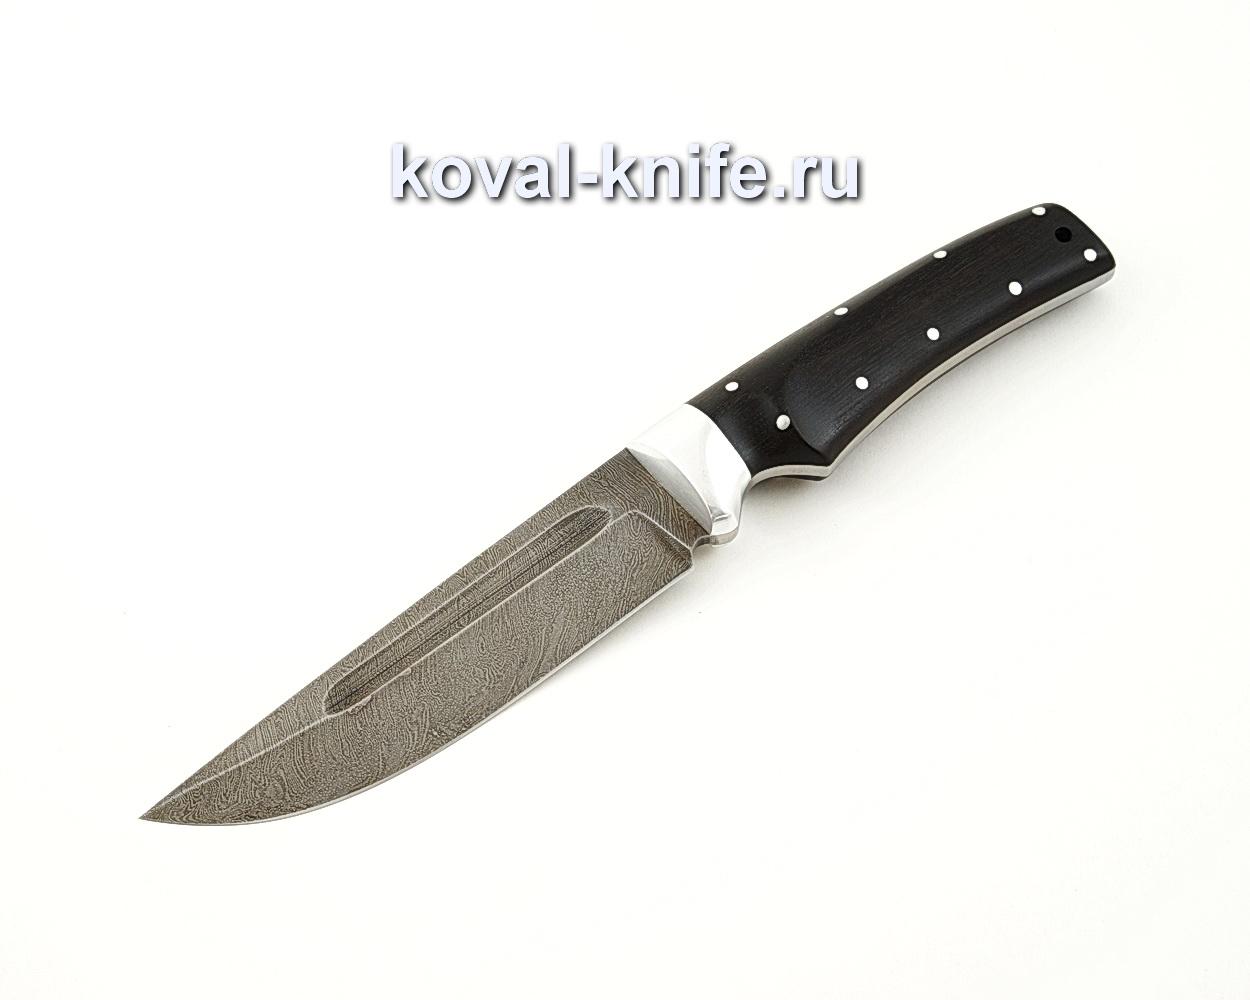 Нож Лис цельнометаллический из дамасской стали с рукоятью из граба A539